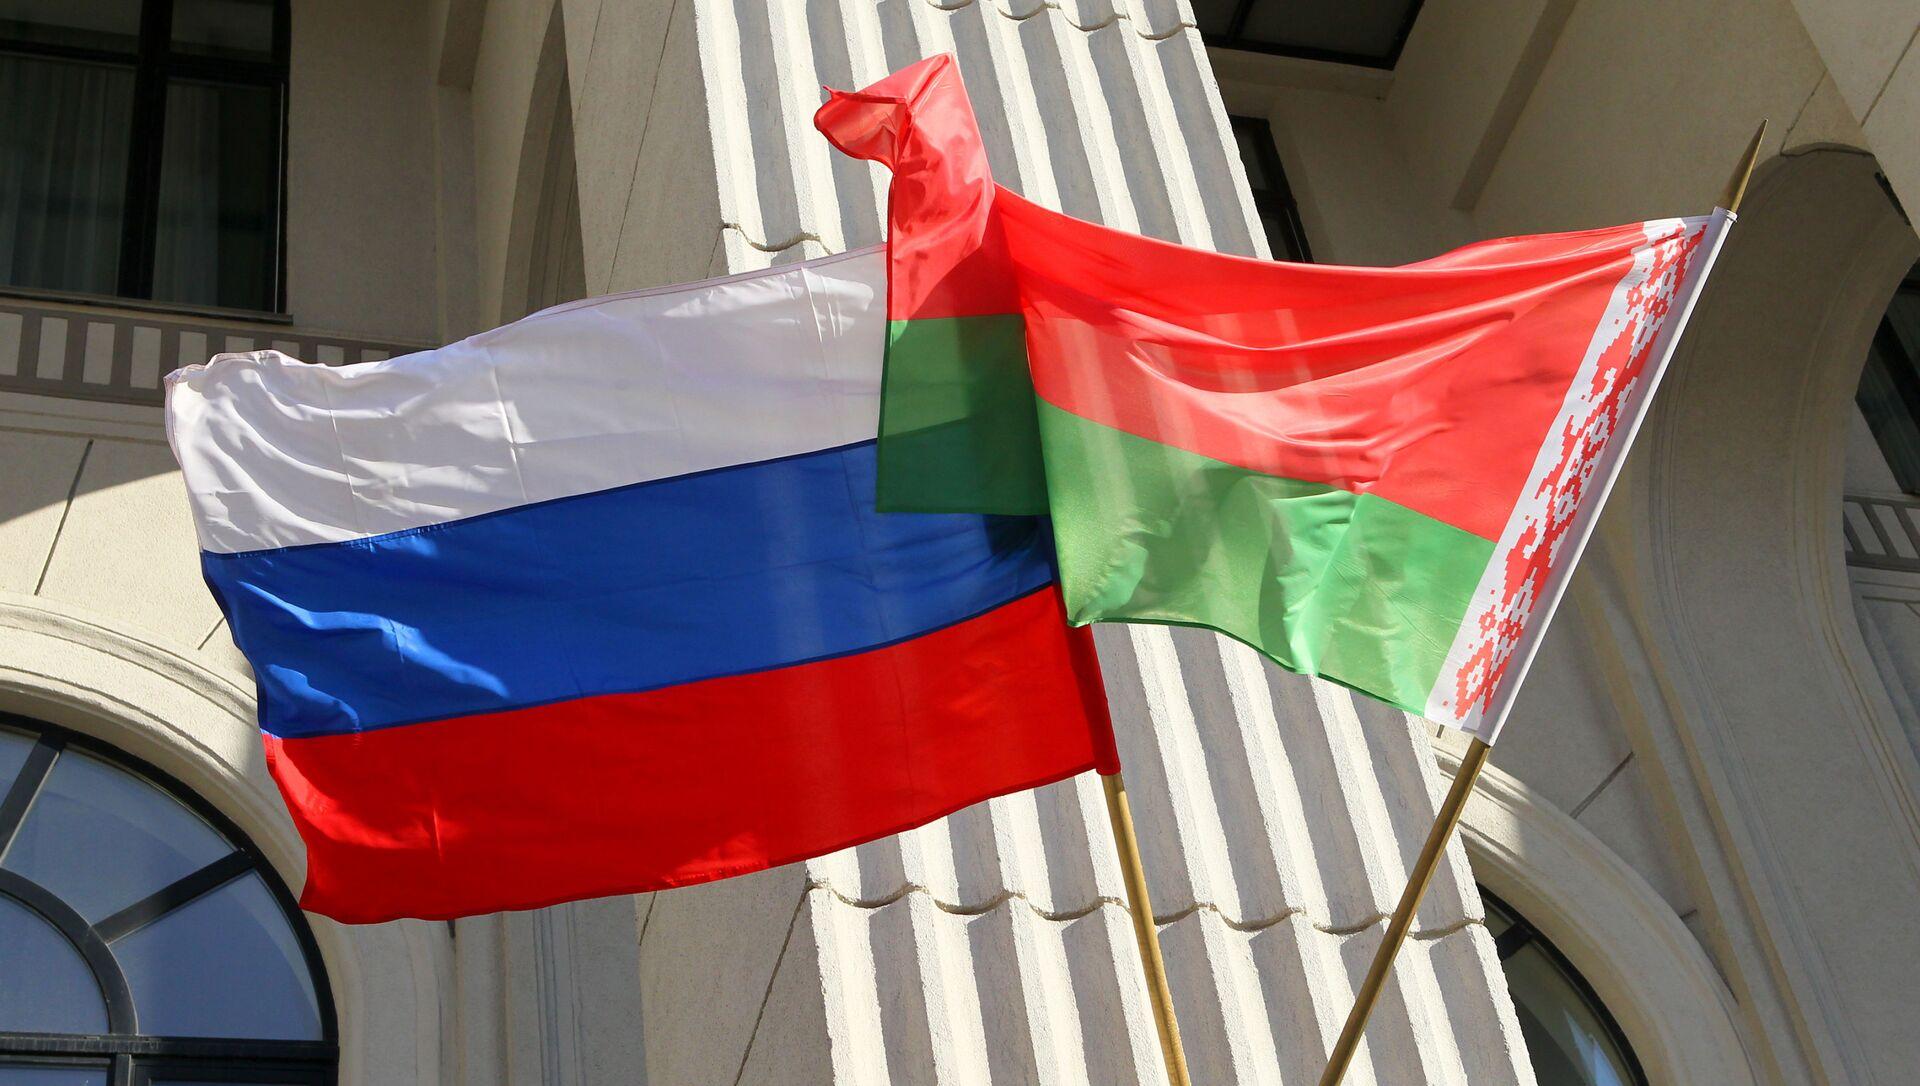 Flagi państwowe Rosji i Białorusi na budynku mińskiej filharmonii - Sputnik Polska, 1920, 02.06.2021